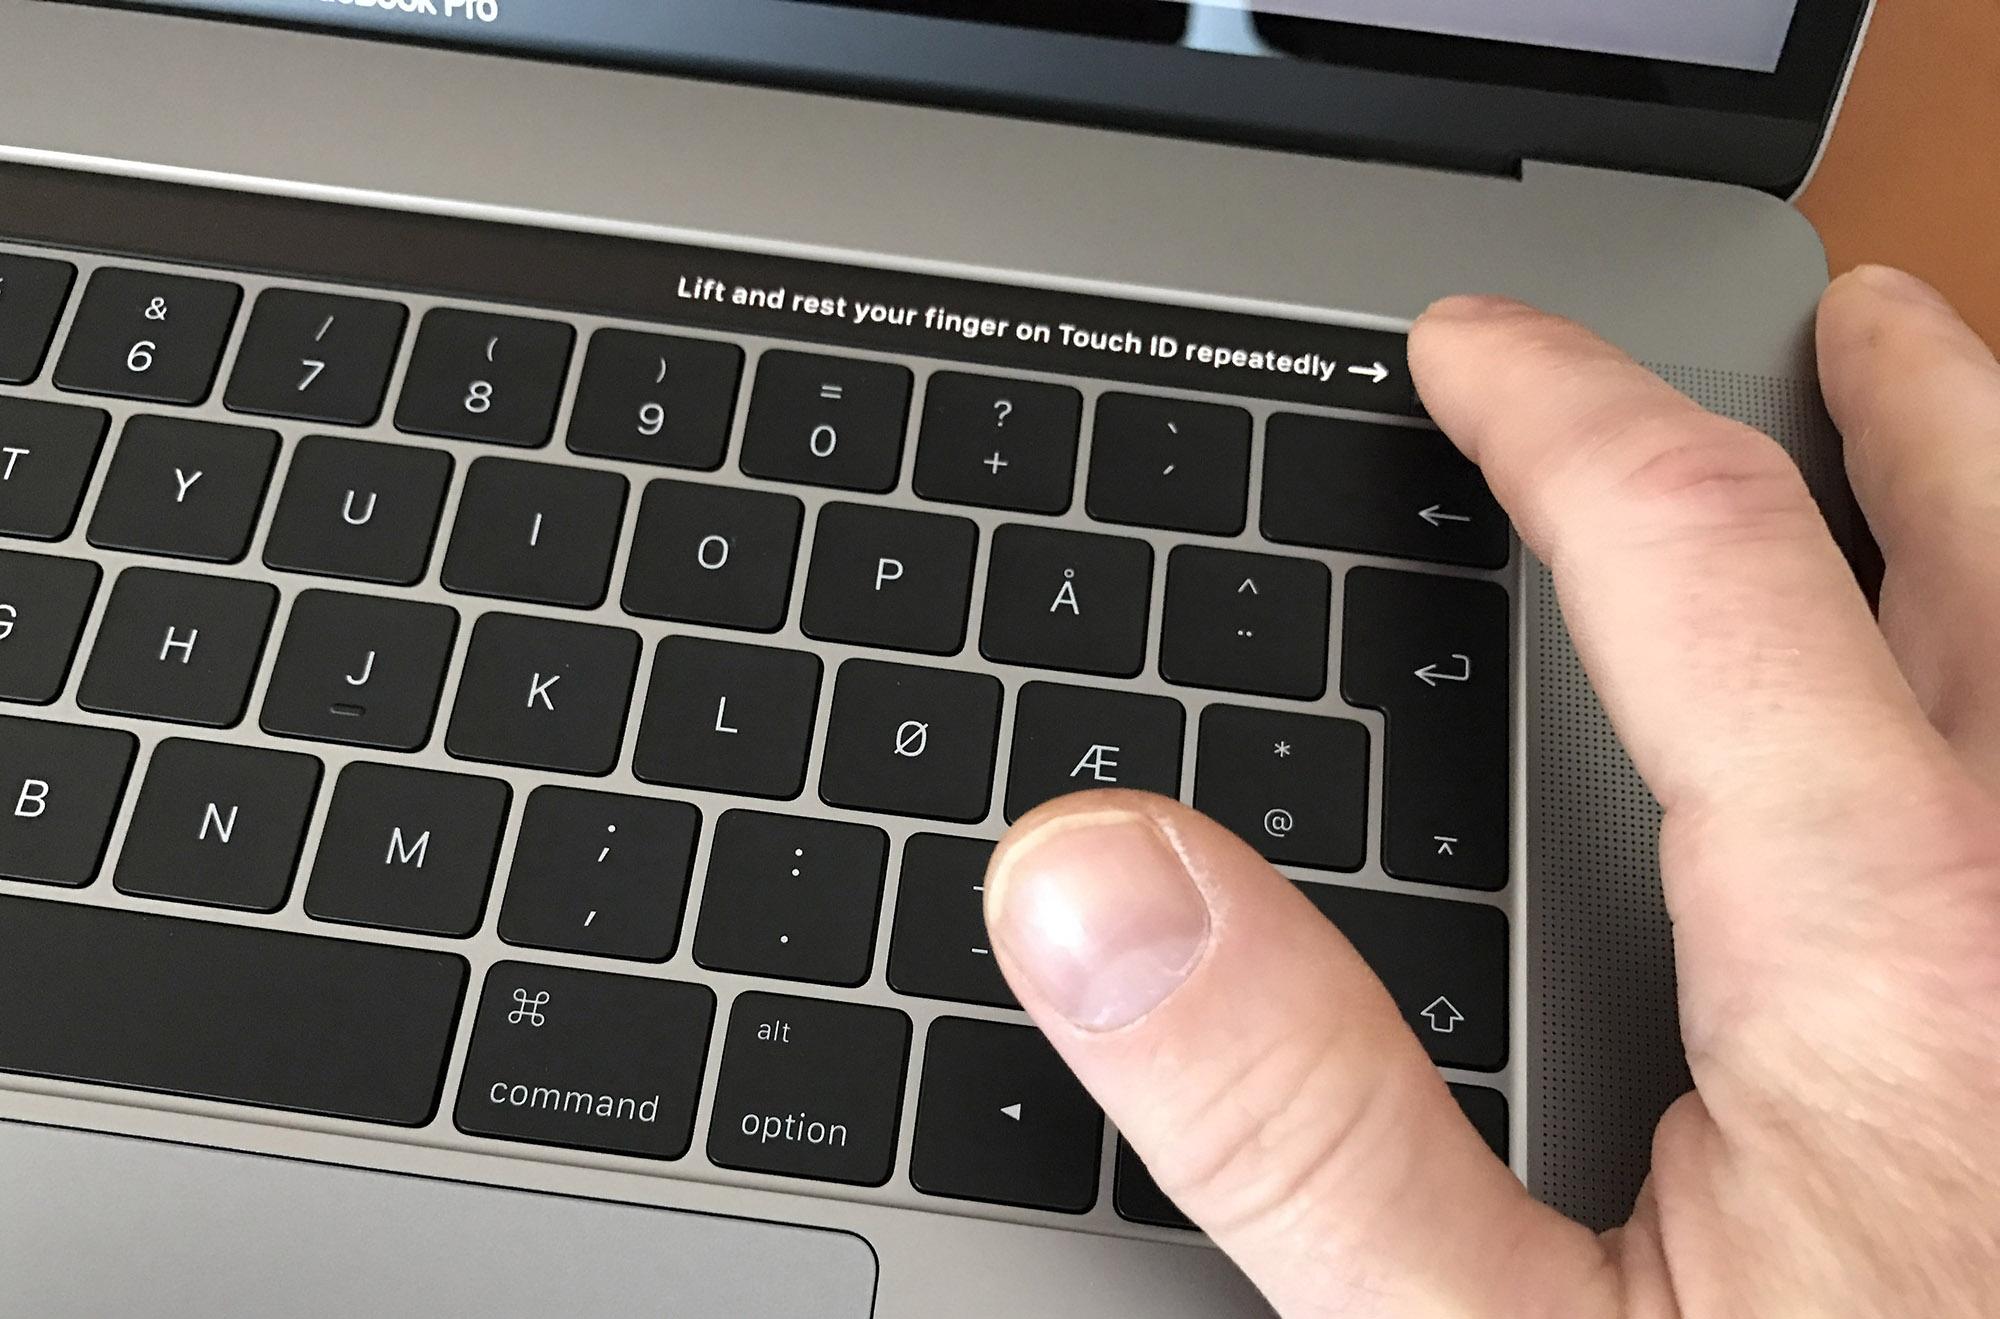 Innlogging og betaling med fingeravtrykk.